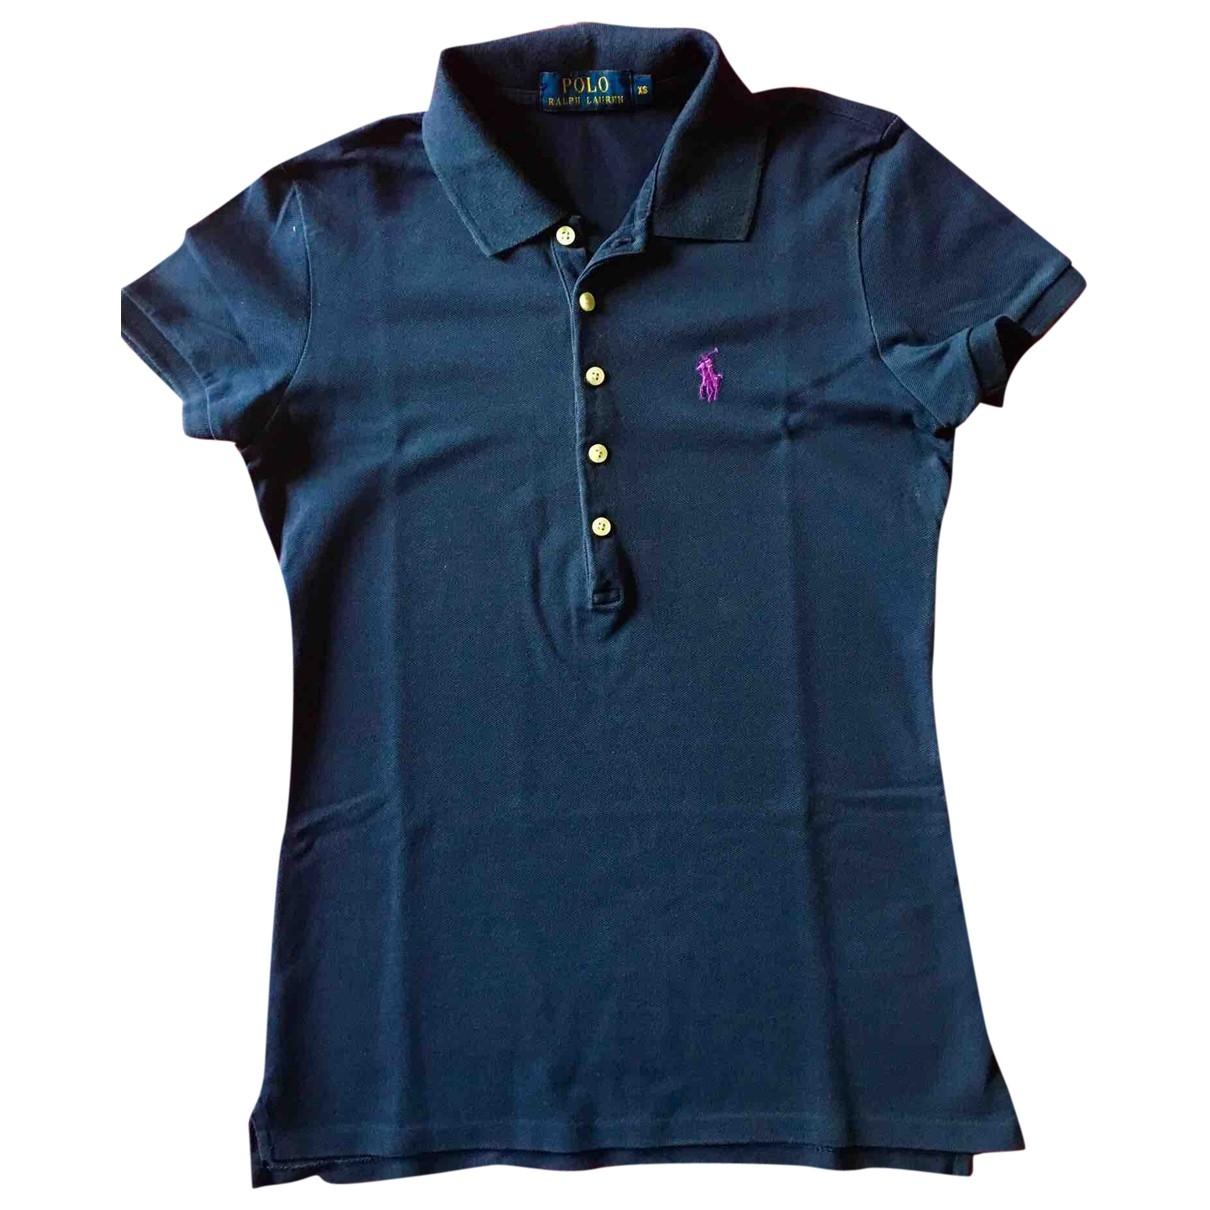 Polo Ralph Lauren \N Blue Cotton  top for Women XS International